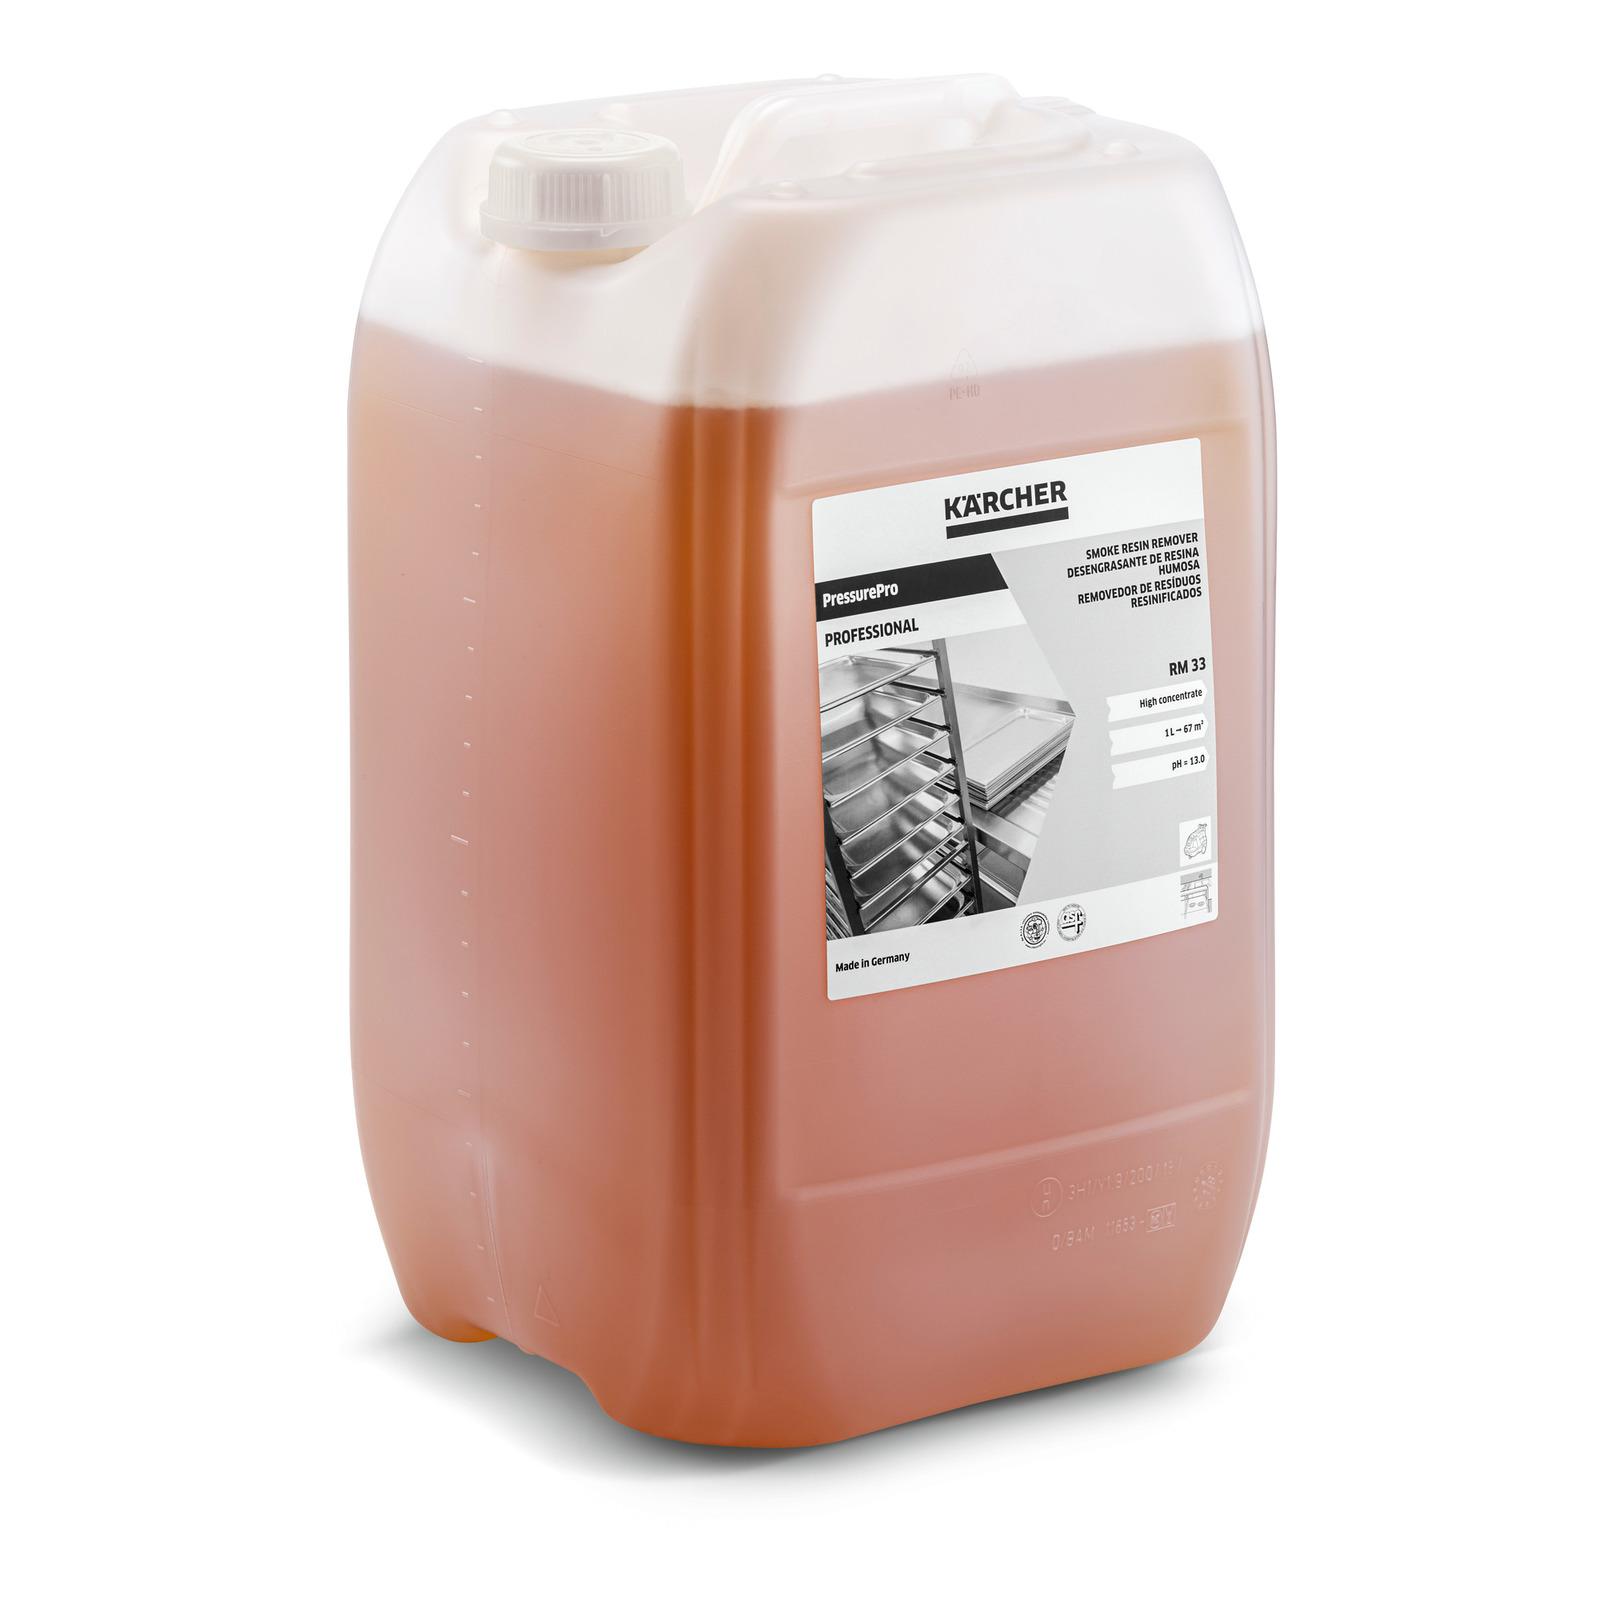 Kärcher - Odstraňovač sazí RM 33